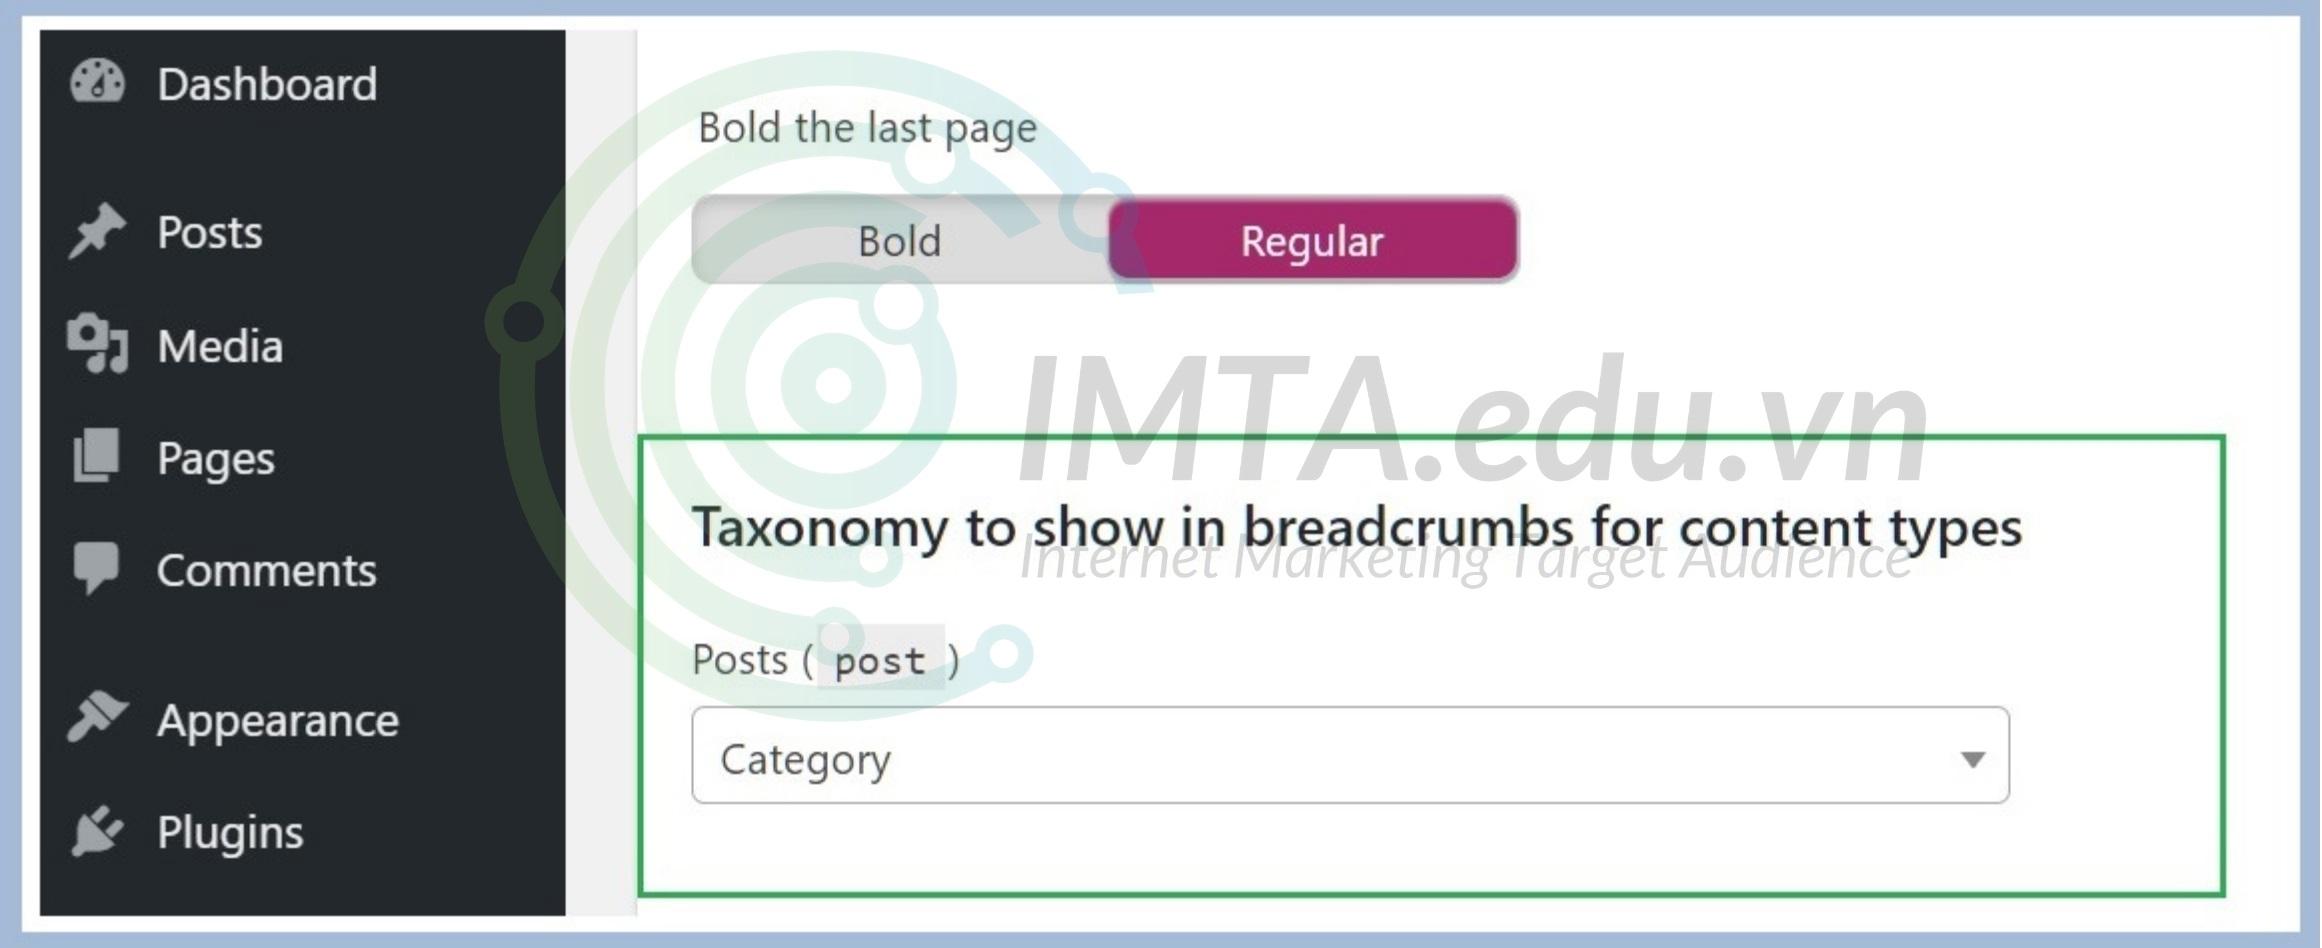 Chọn cách phân cấp nội dung cho Breadcrumb